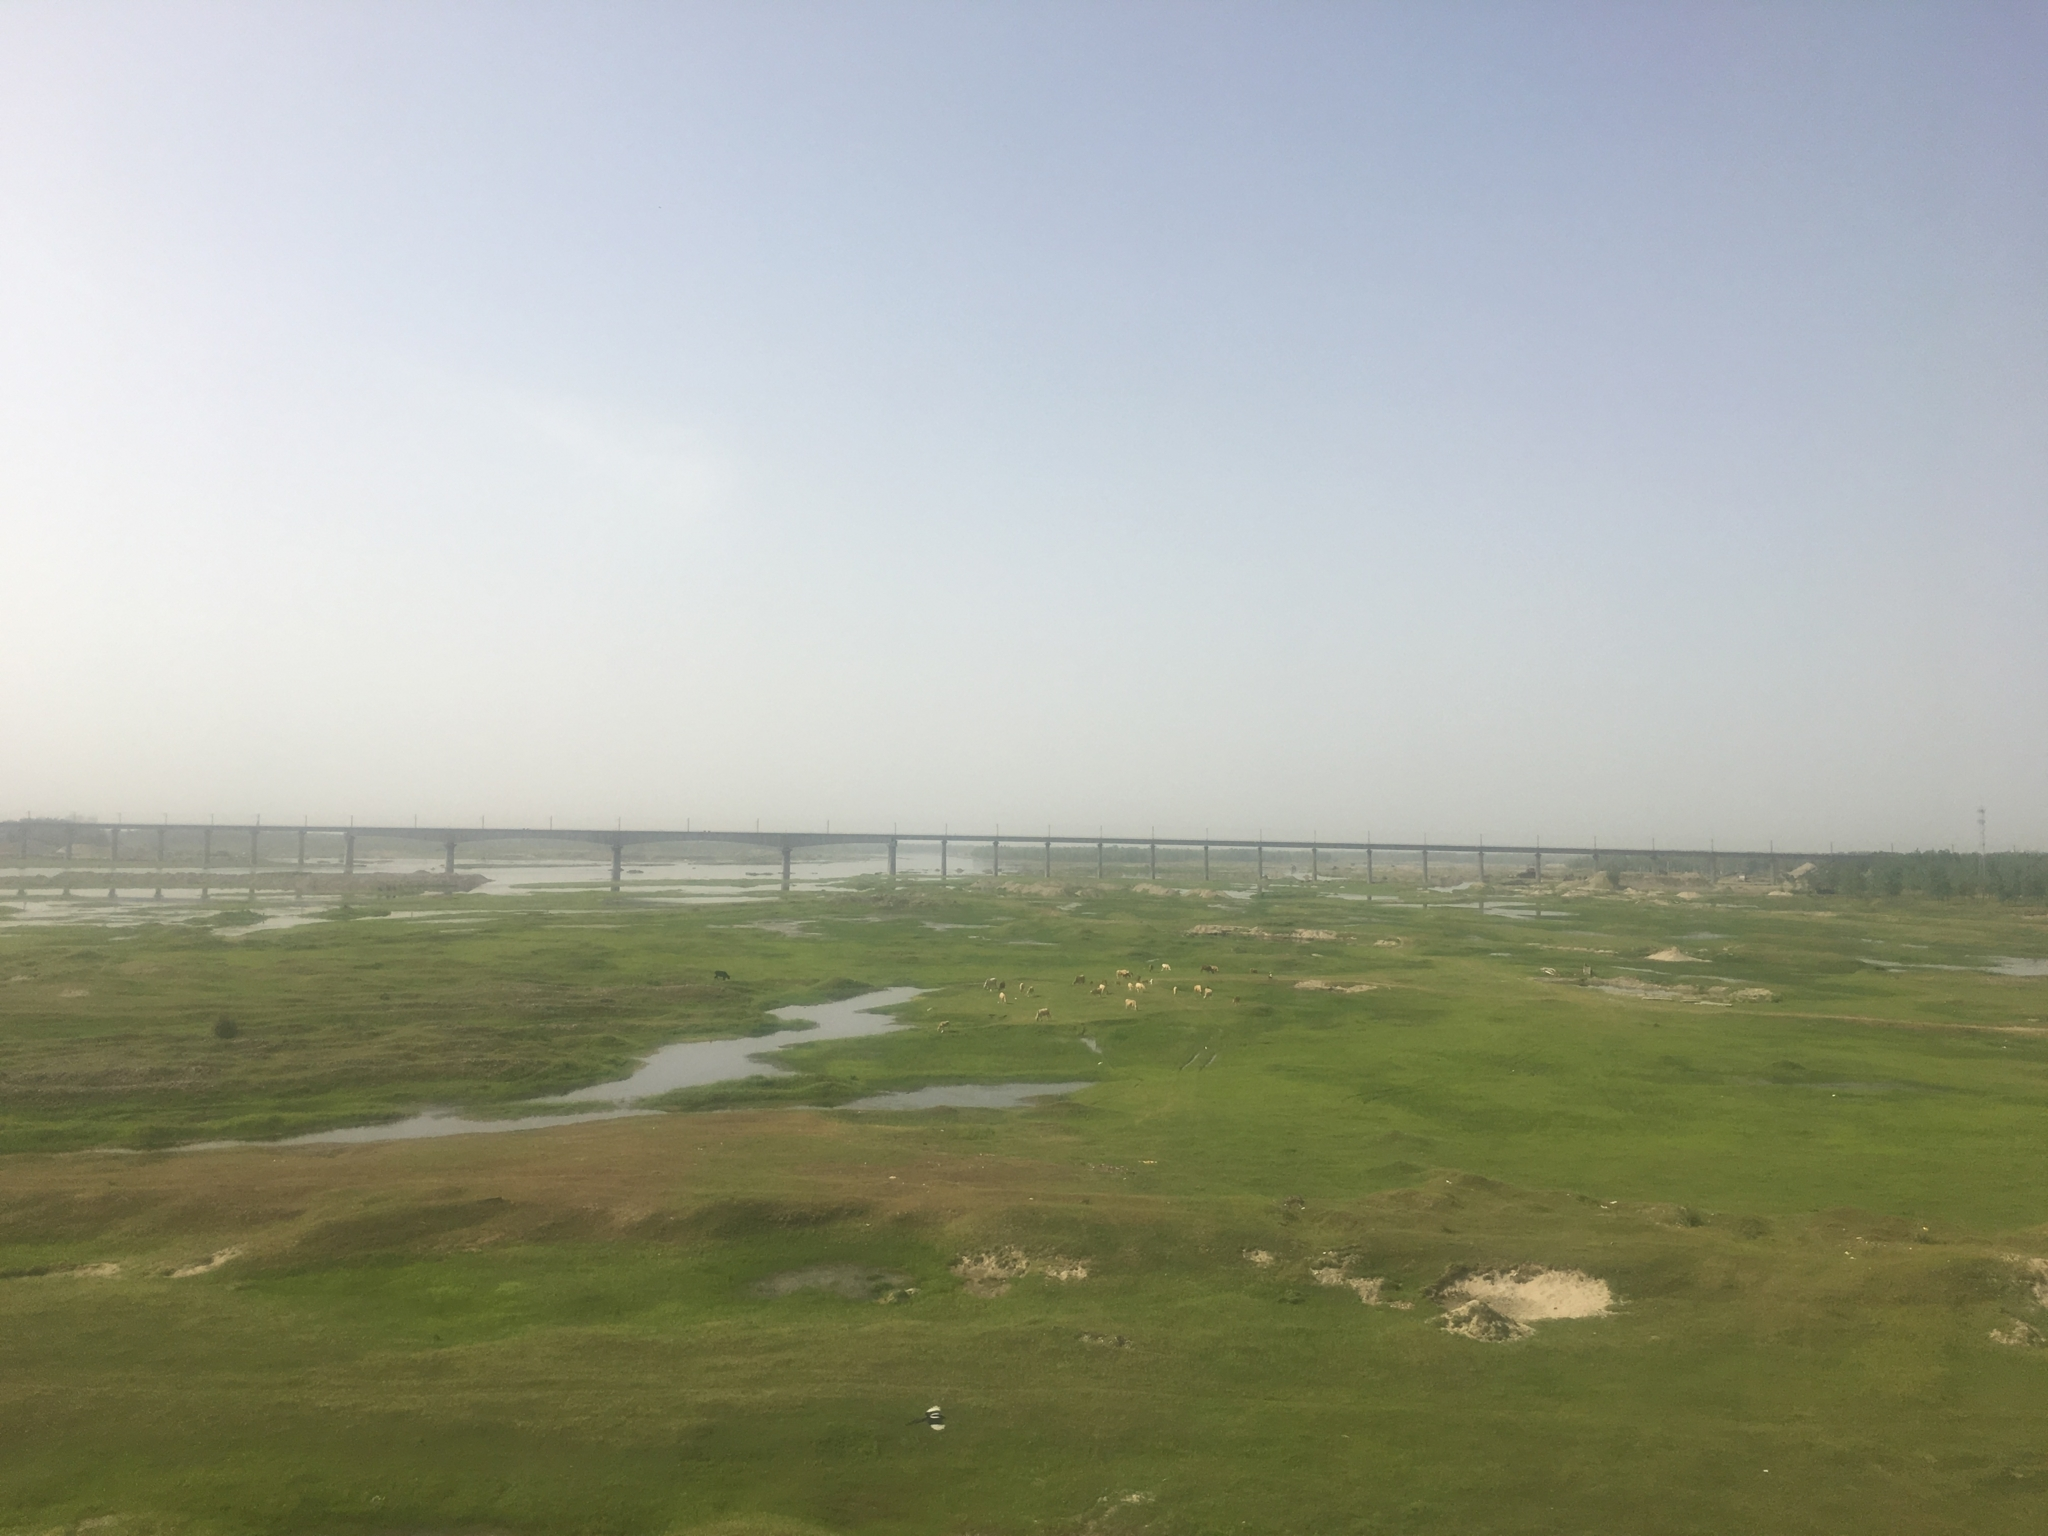 高速鉄道の車窓からの景色